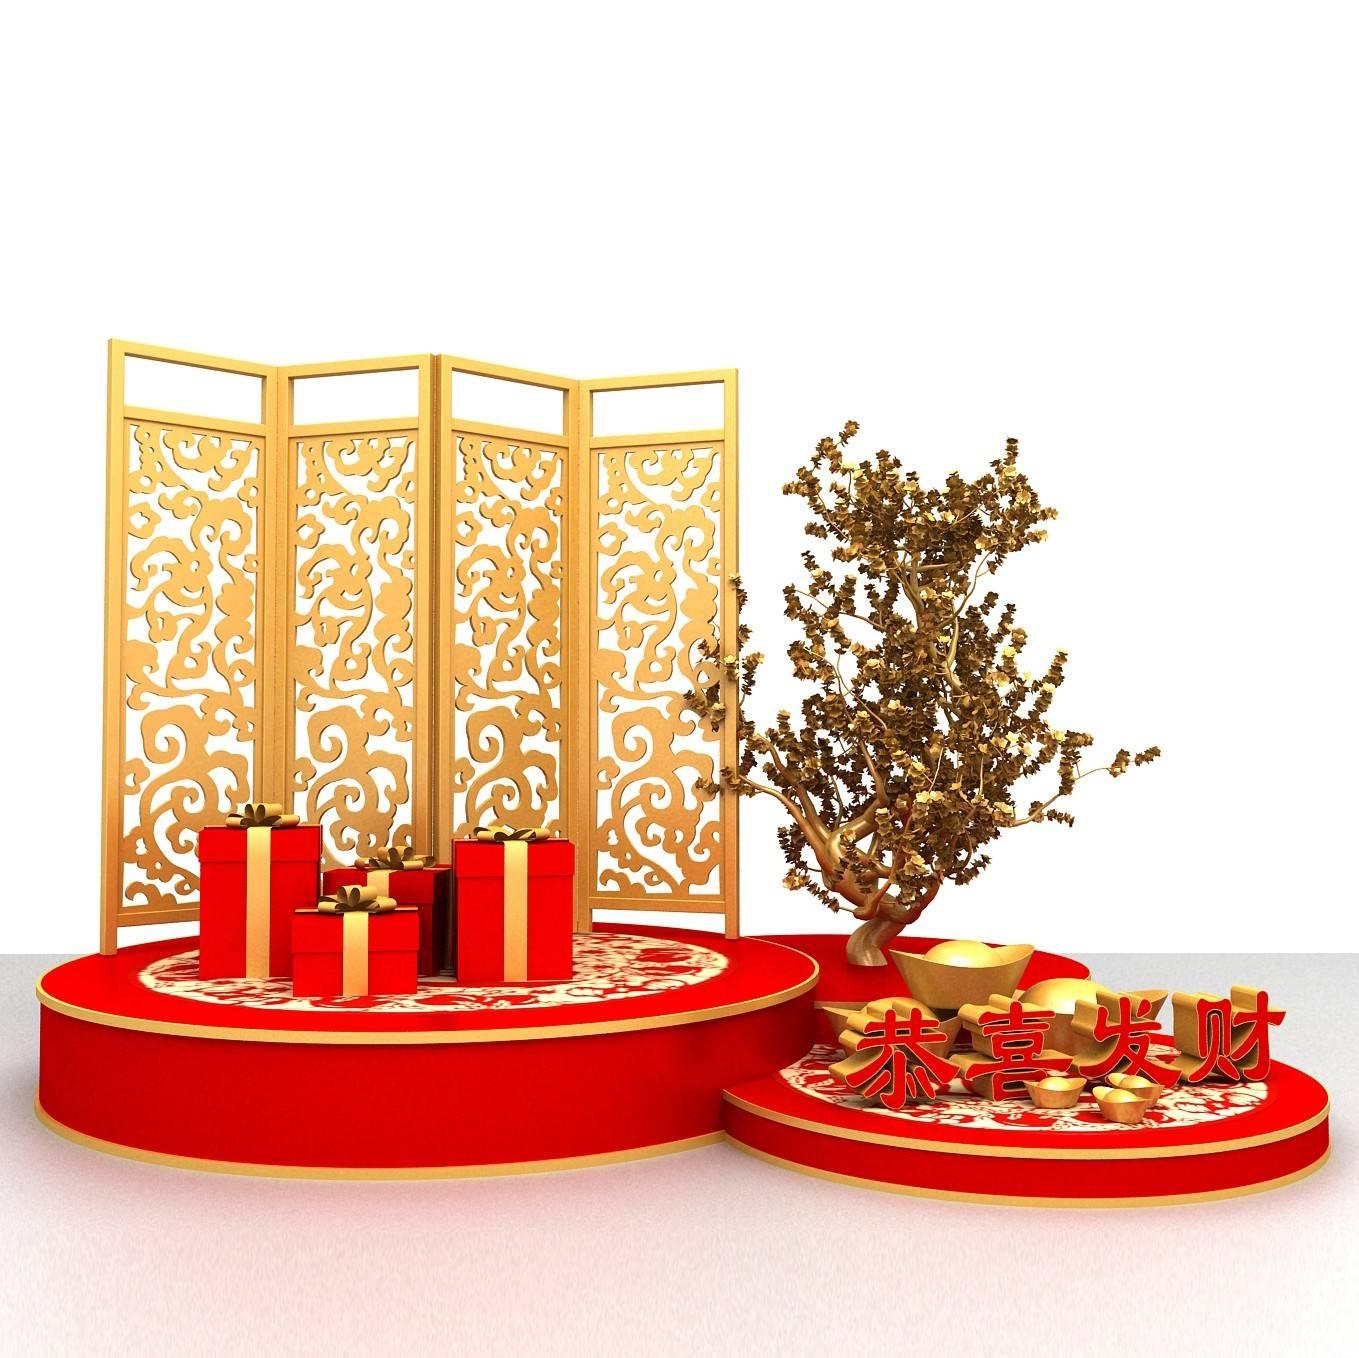 新年美陈3D模型设计装饰美陈